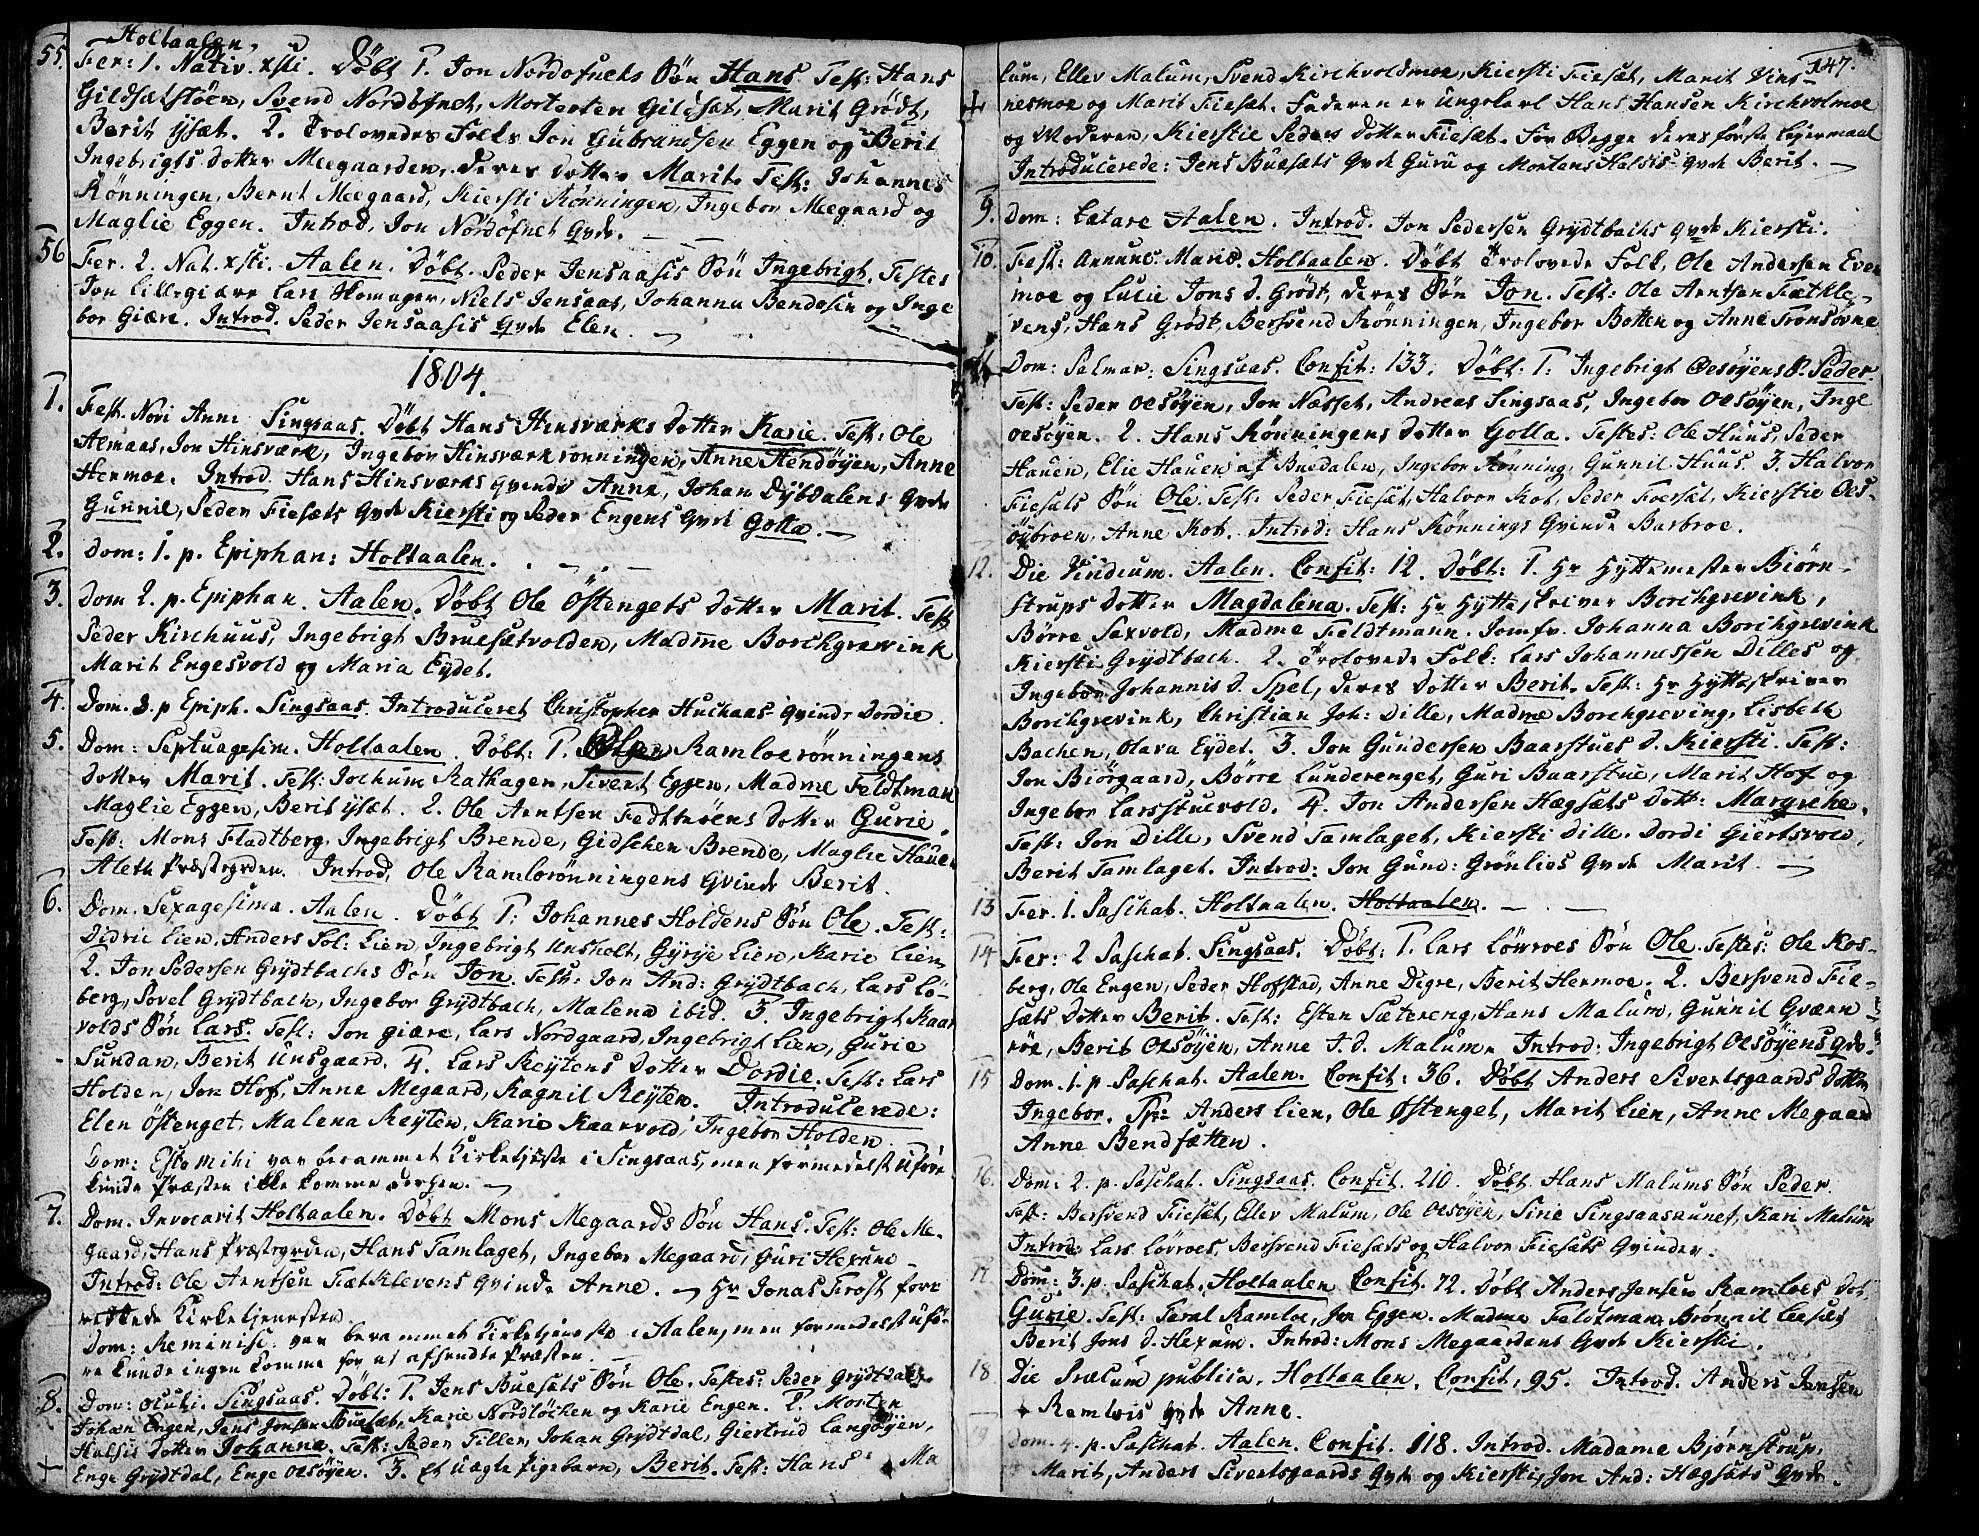 SAT, Ministerialprotokoller, klokkerbøker og fødselsregistre - Sør-Trøndelag, 685/L0952: Ministerialbok nr. 685A01, 1745-1804, s. 147